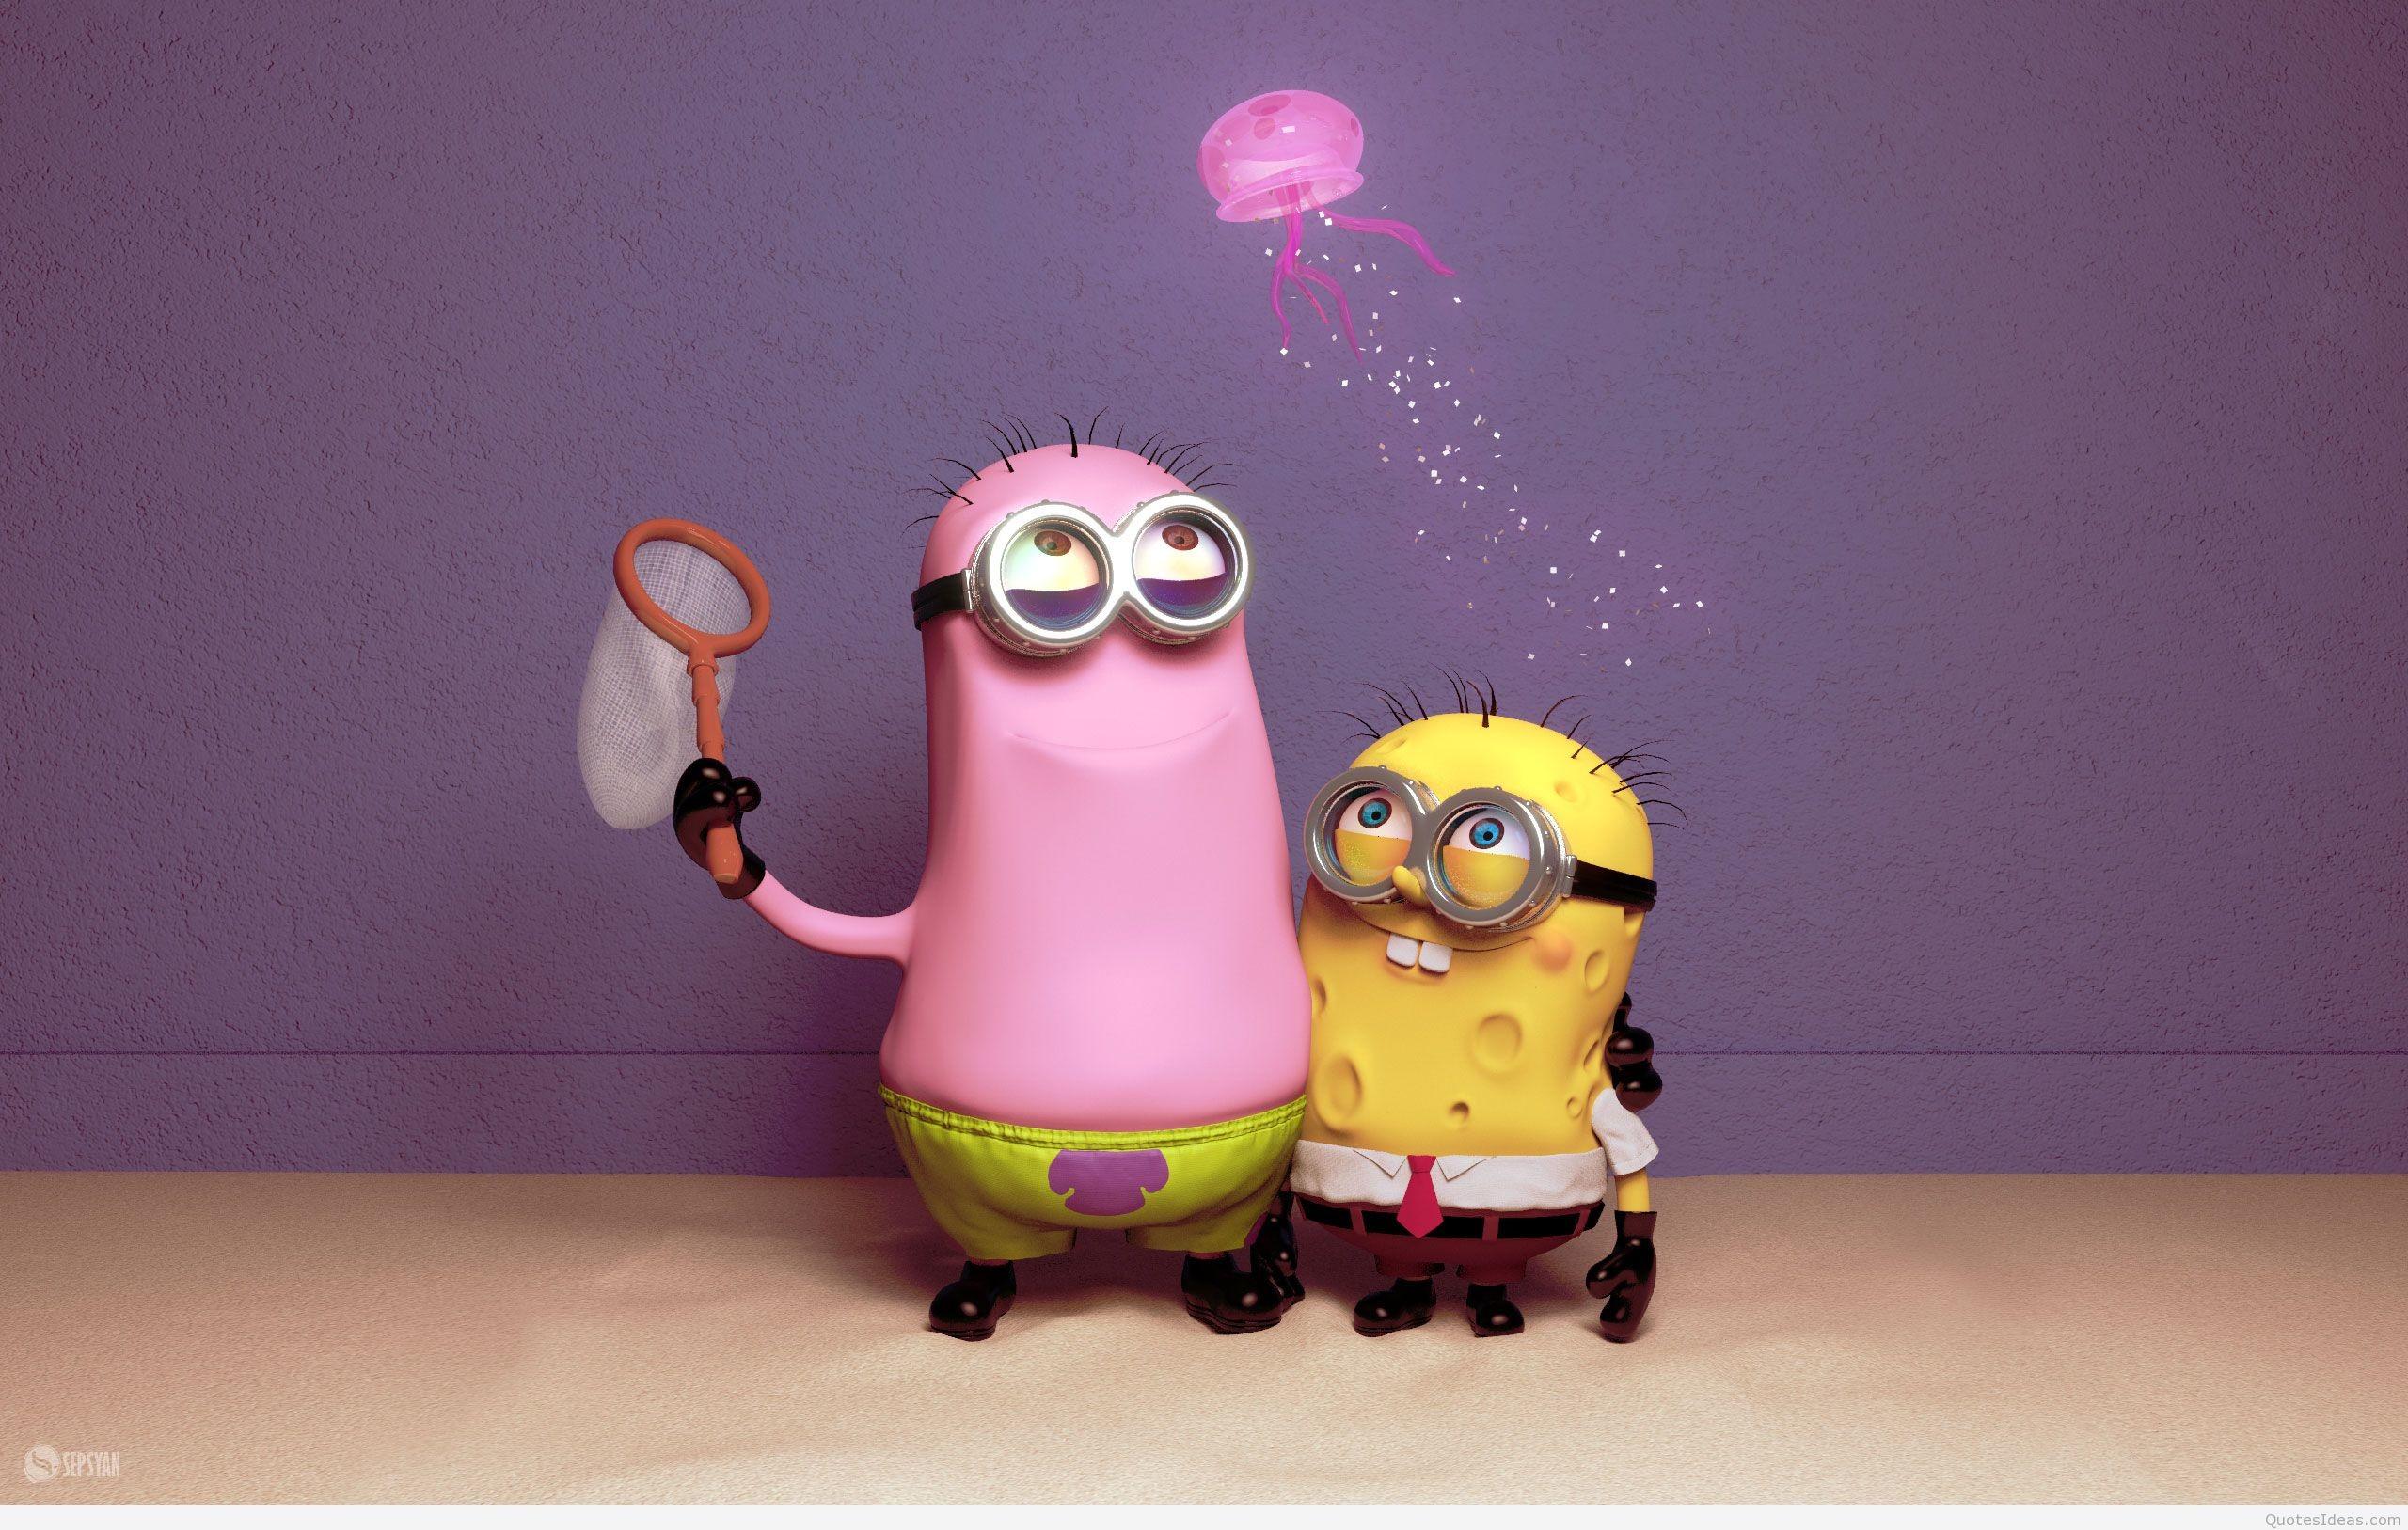 Funny Spongebob Wallpaper 63 Images